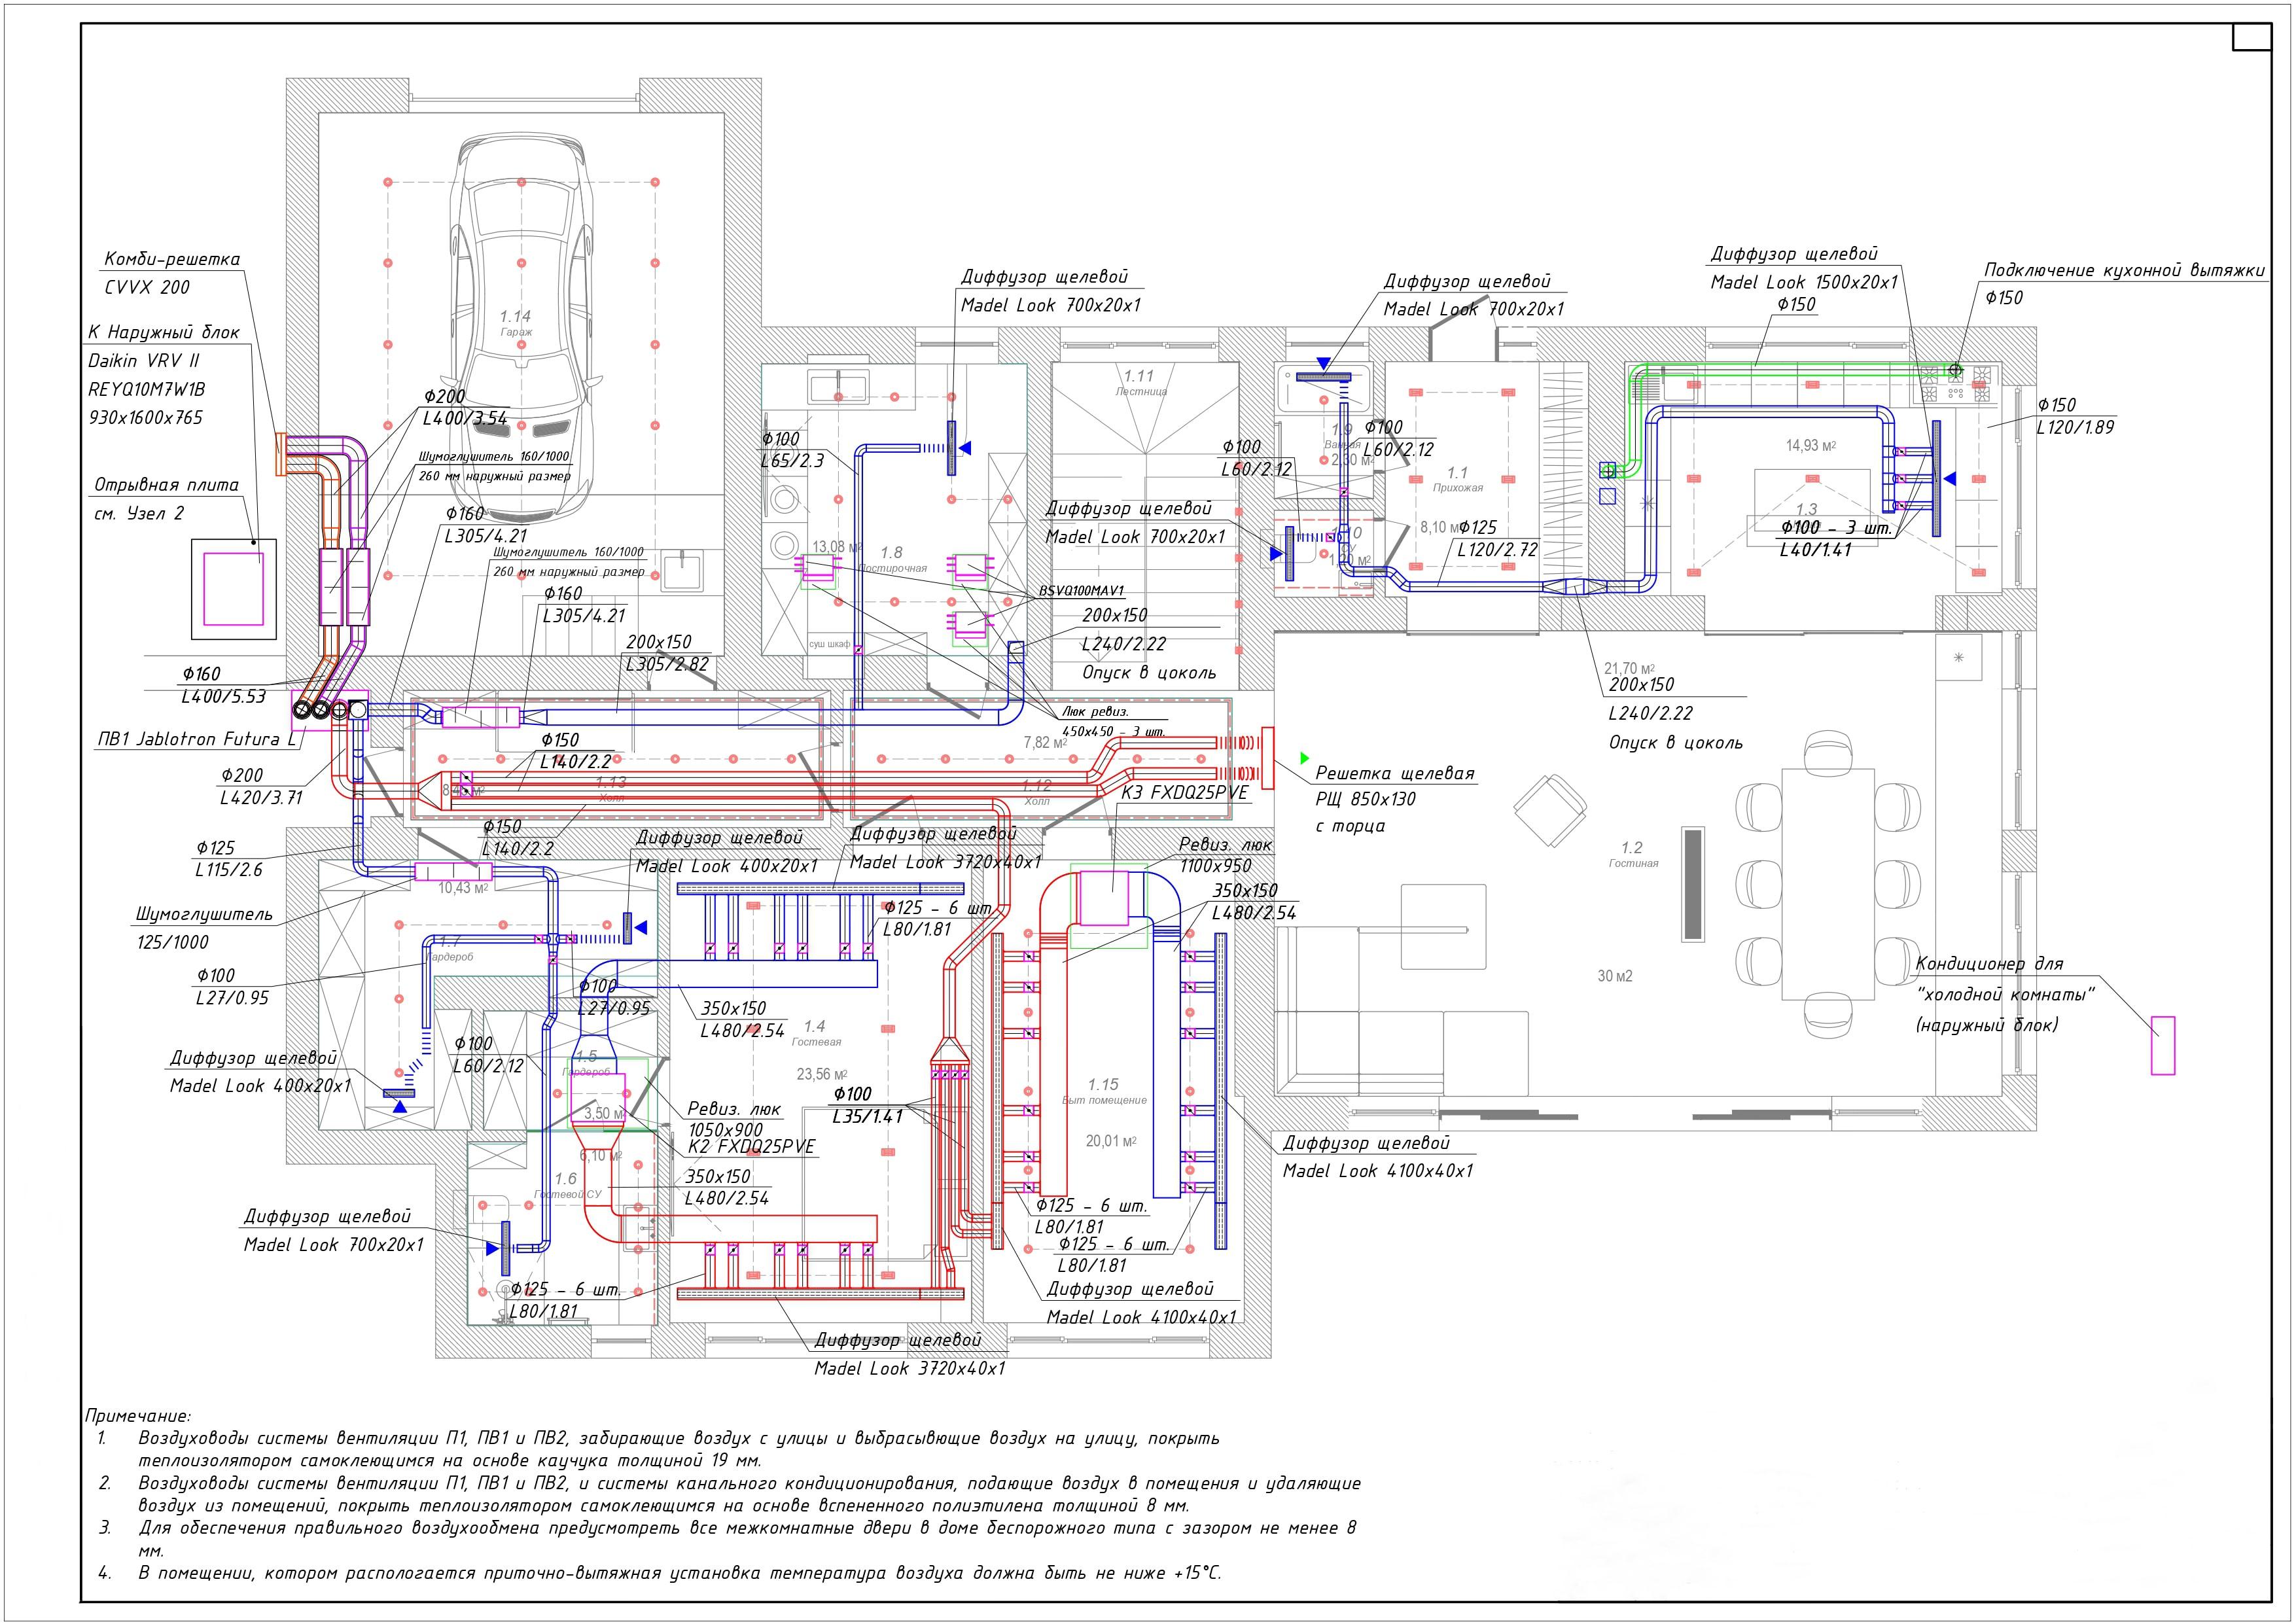 Креслення системи вентиляції централізованого типу